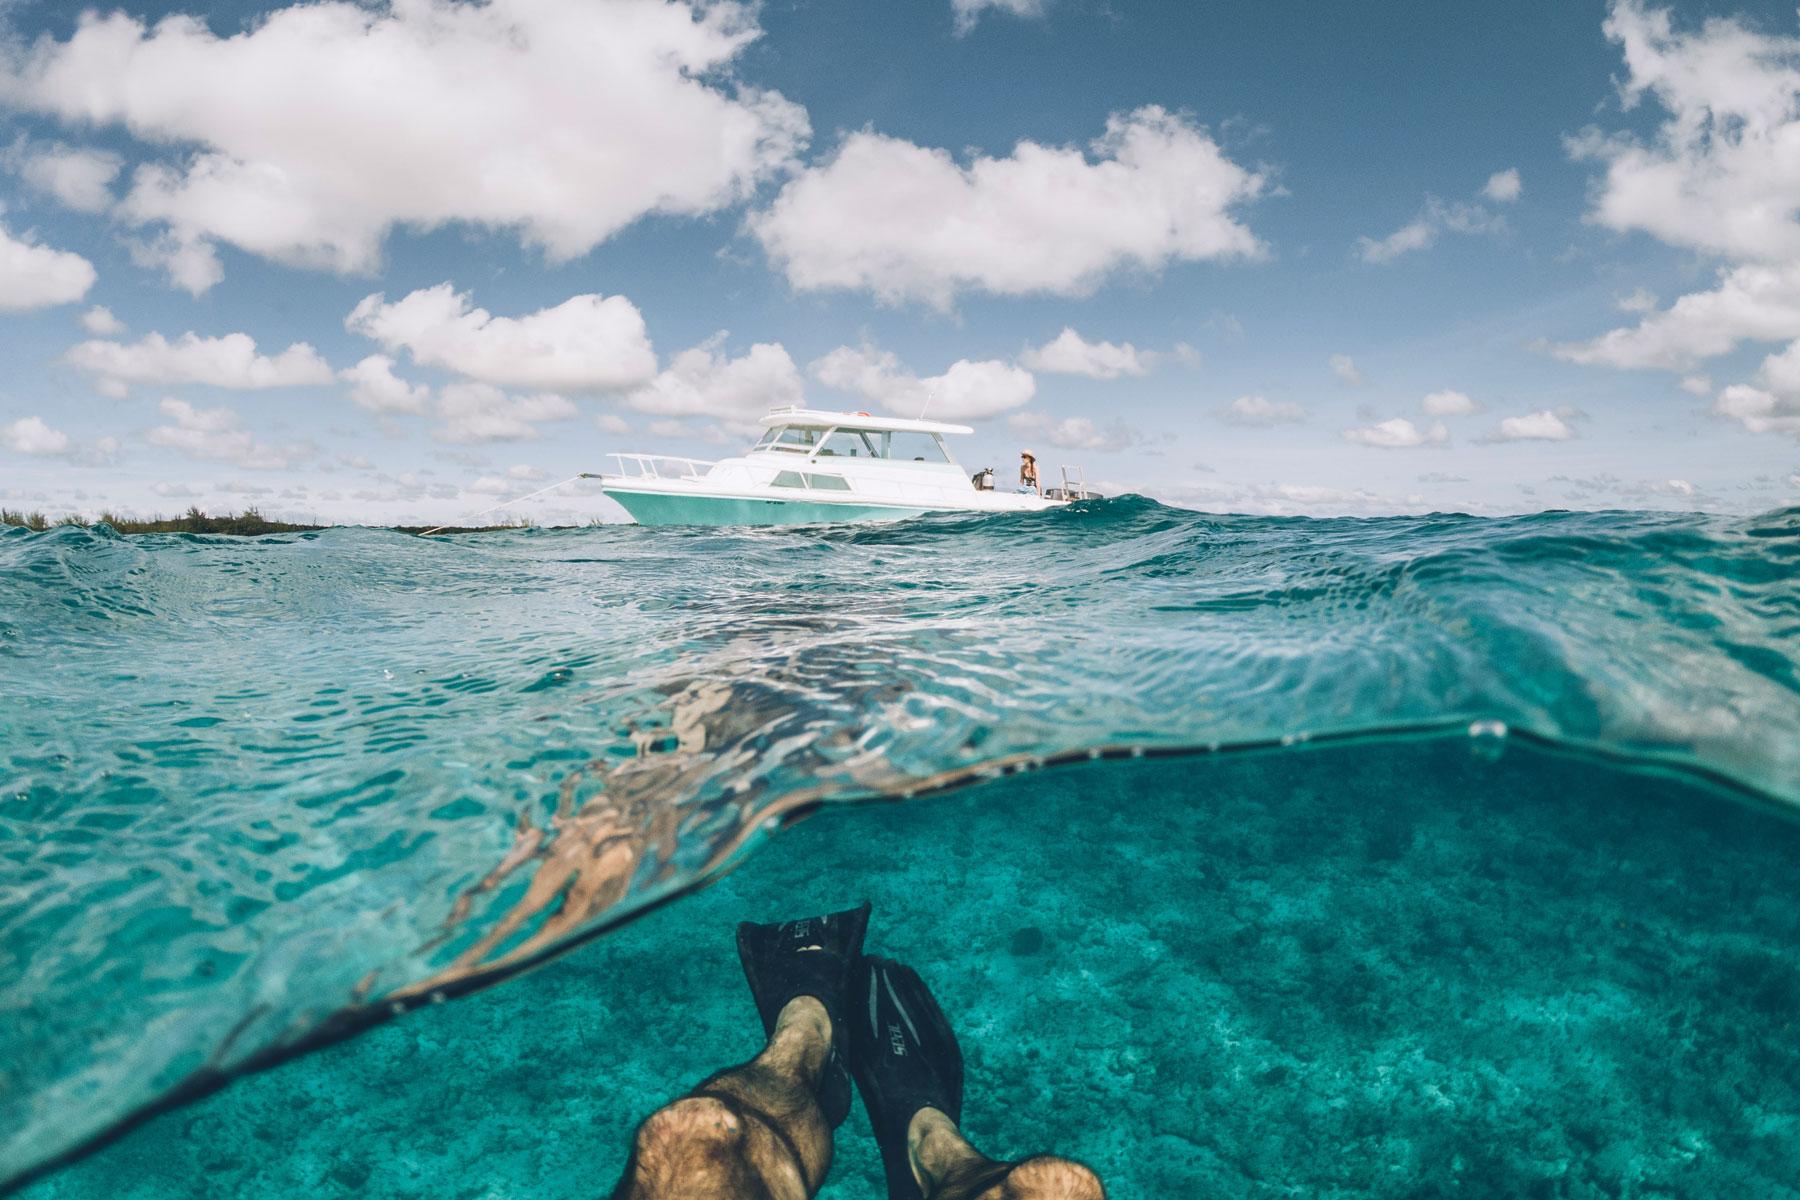 Plongée, Cat island, Bahamas